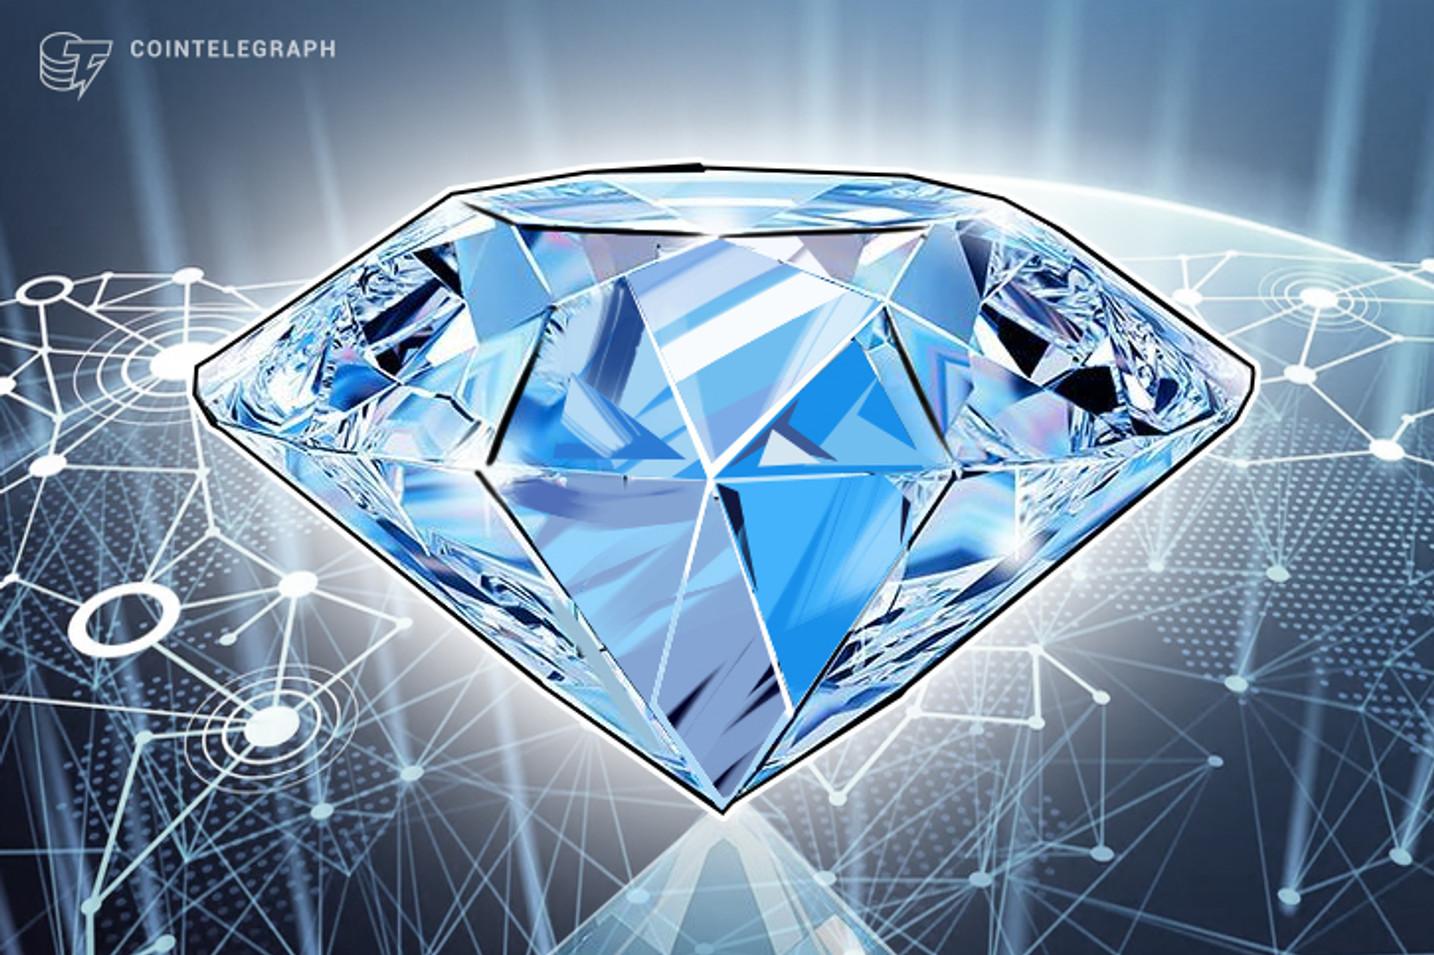 Compañia minera canadiense de diamantes contrata nuevo CEO, se convierte a la Blockchain